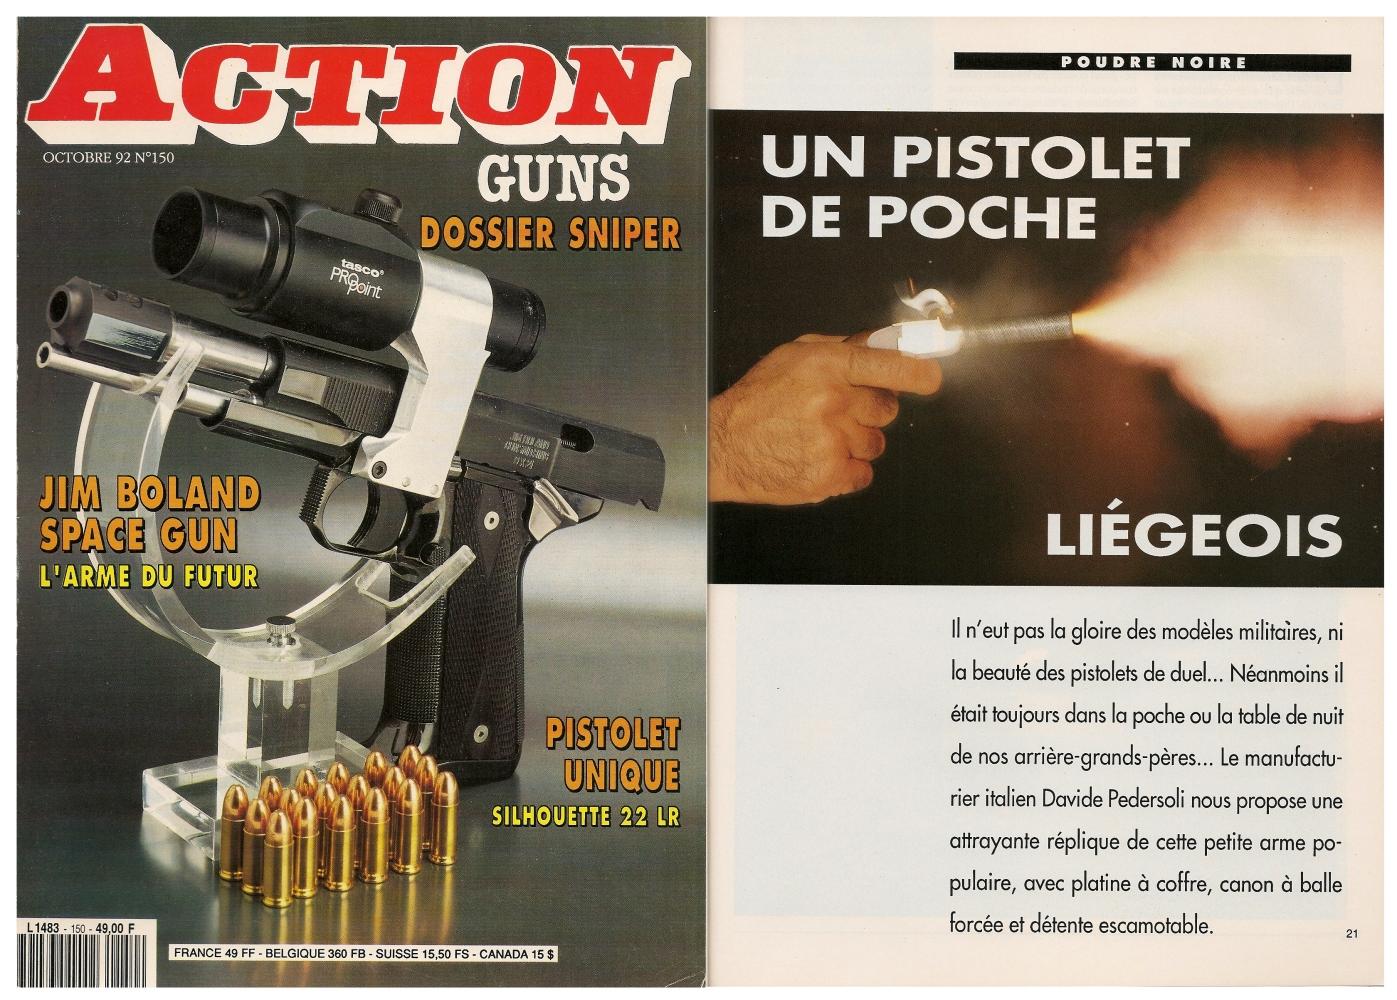 Le banc d'essai de la réplique de pistolet de poche liégeois a été publié sur 4 pages dans le magazine Action Guns n°150 (octobre 1992).